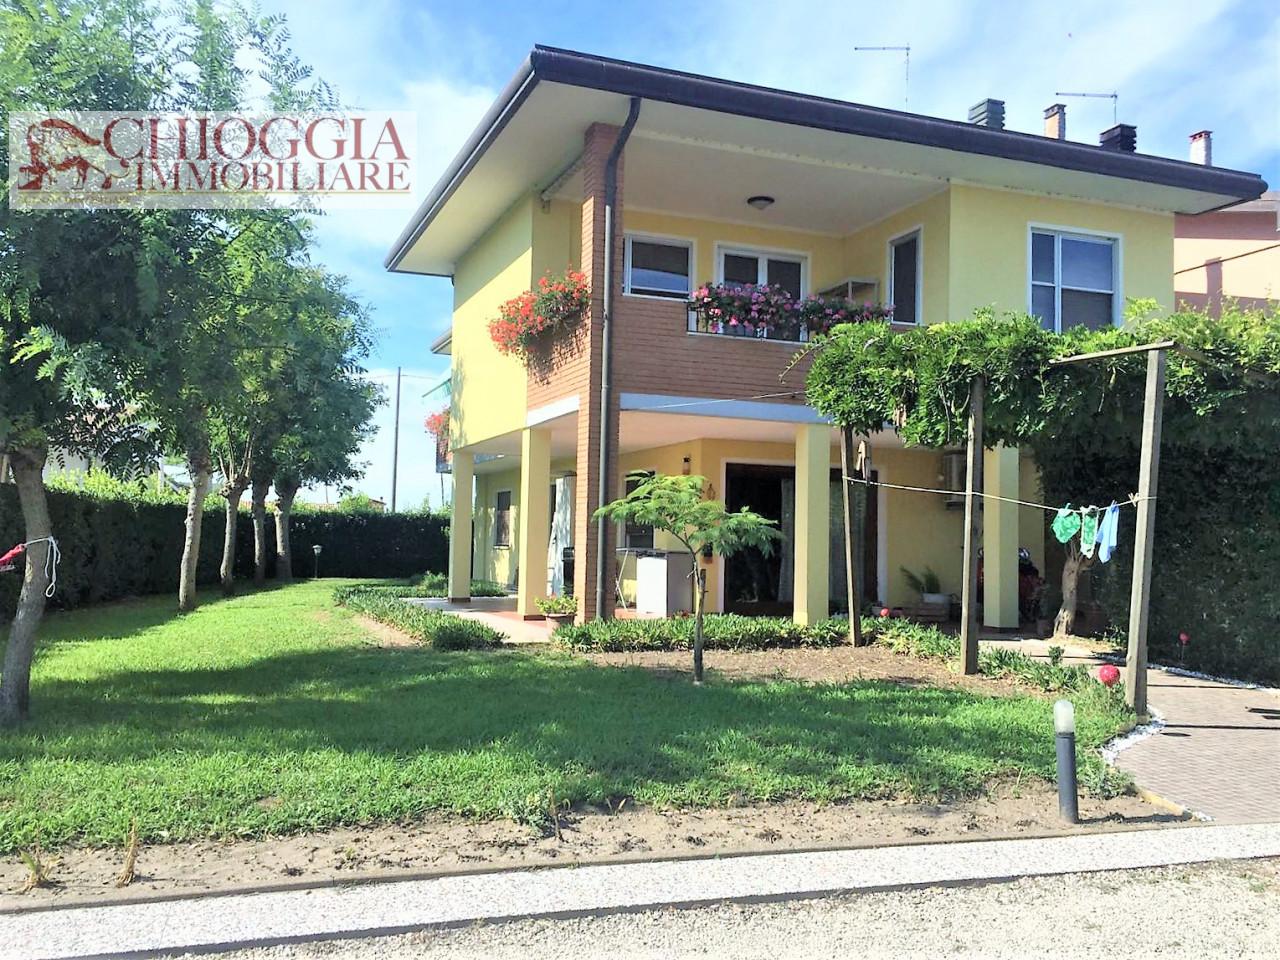 RIF.310 - BIFAMILIARE A CA' LINO. Euro 220.000.